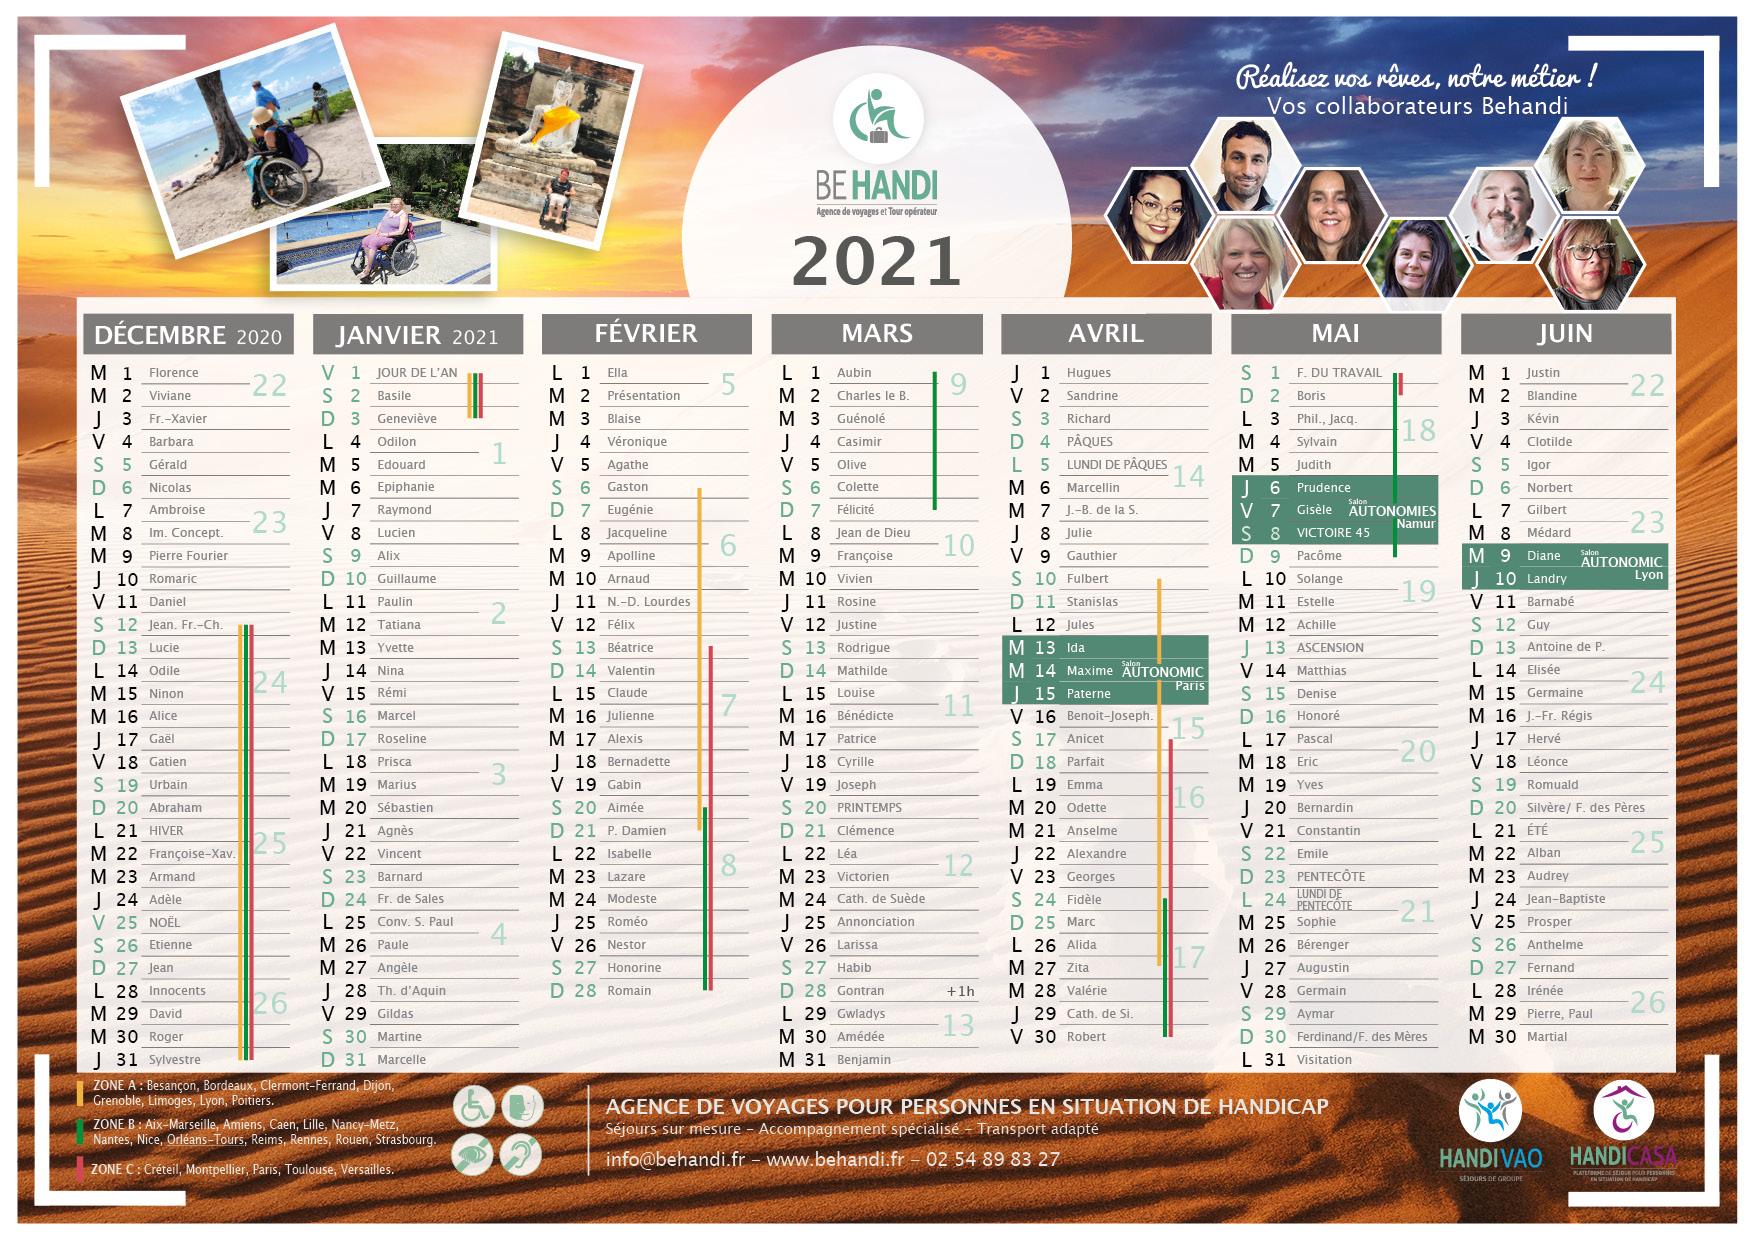 Calendrier 2021 avec vacances scolaires et jours fériés Behandi